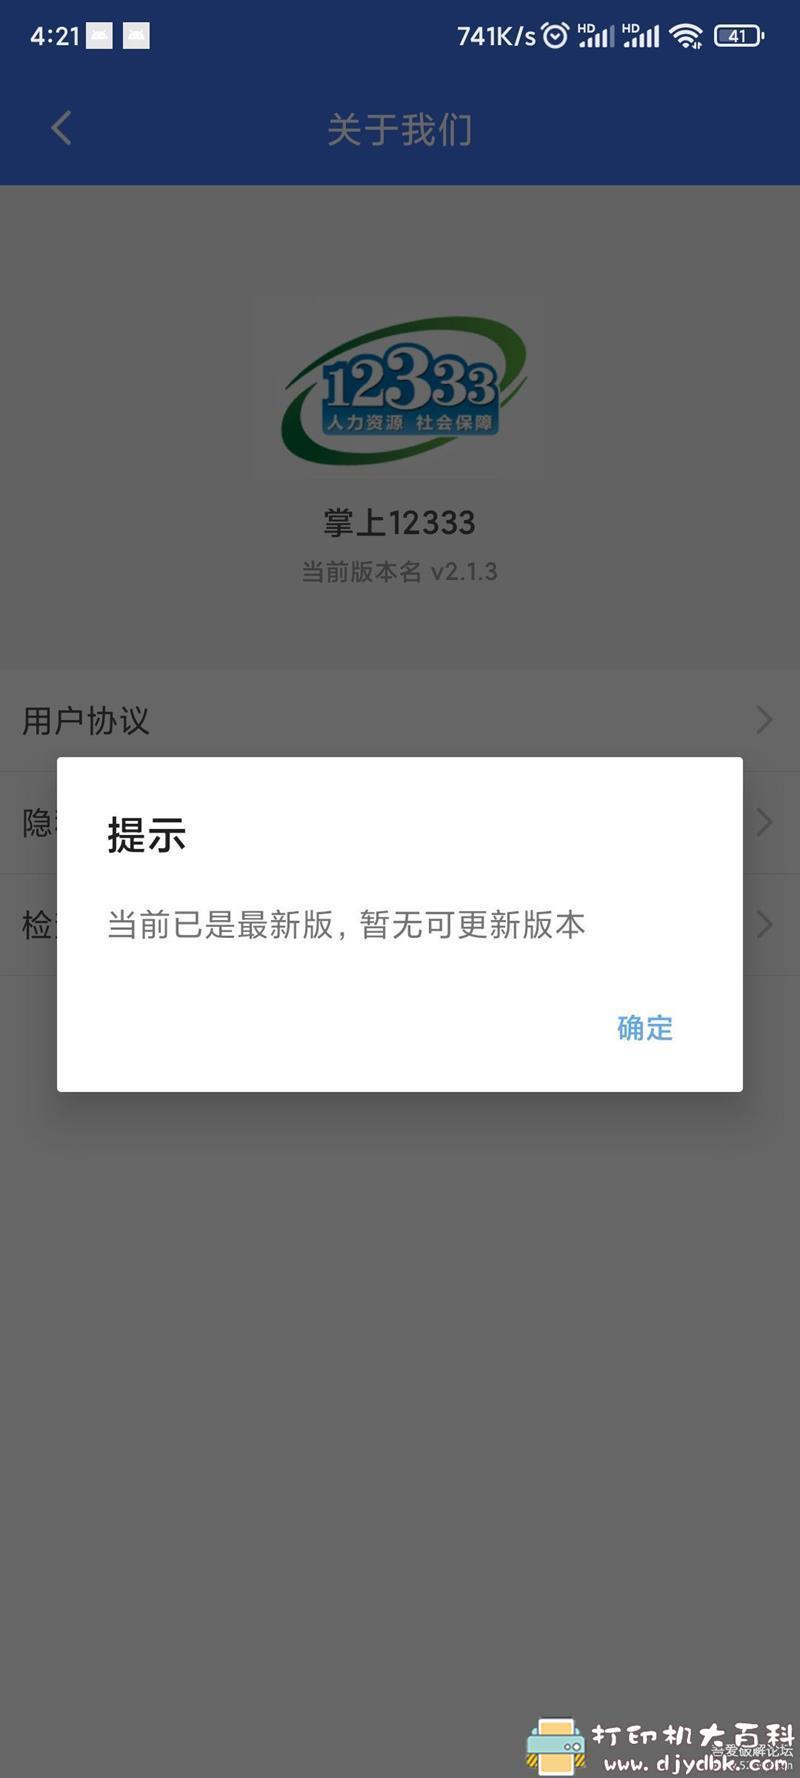 [Android]社会保险综合查询客户端:掌上12333_2.1.3版,方便办理社保业务 配图 No.2